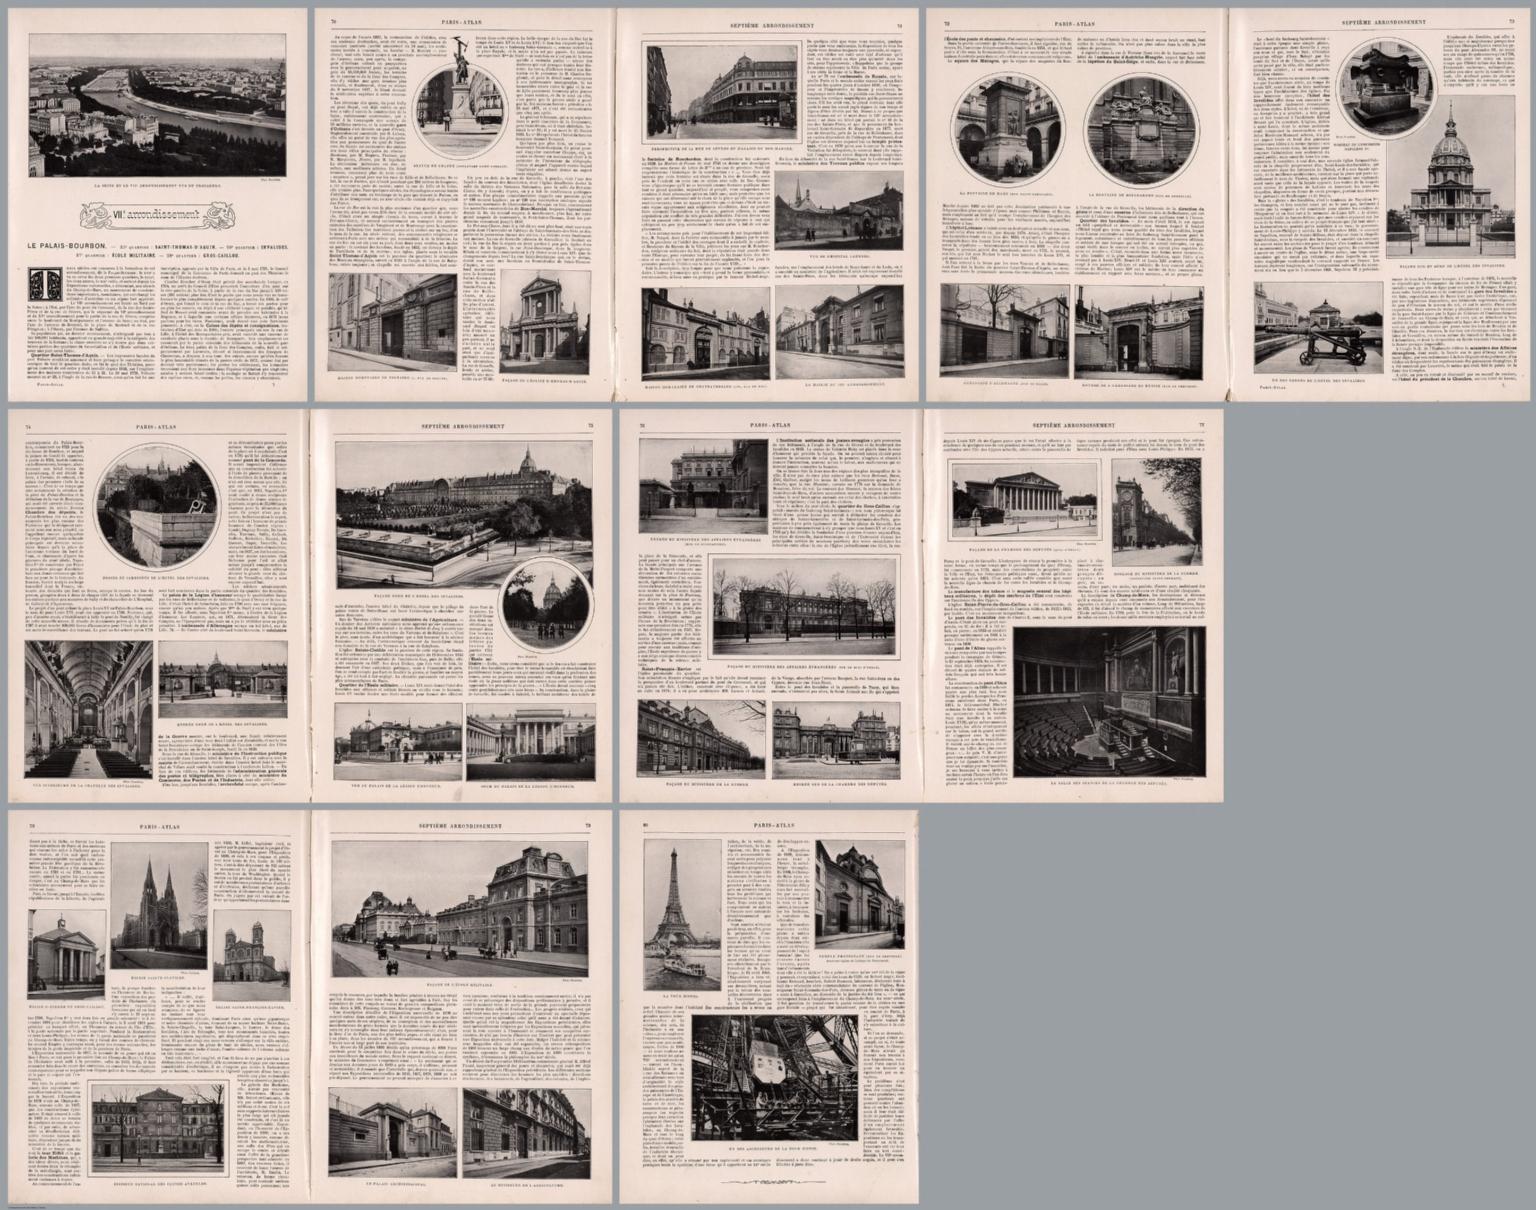 Composite Text: Paris - VIIe arrondissement.